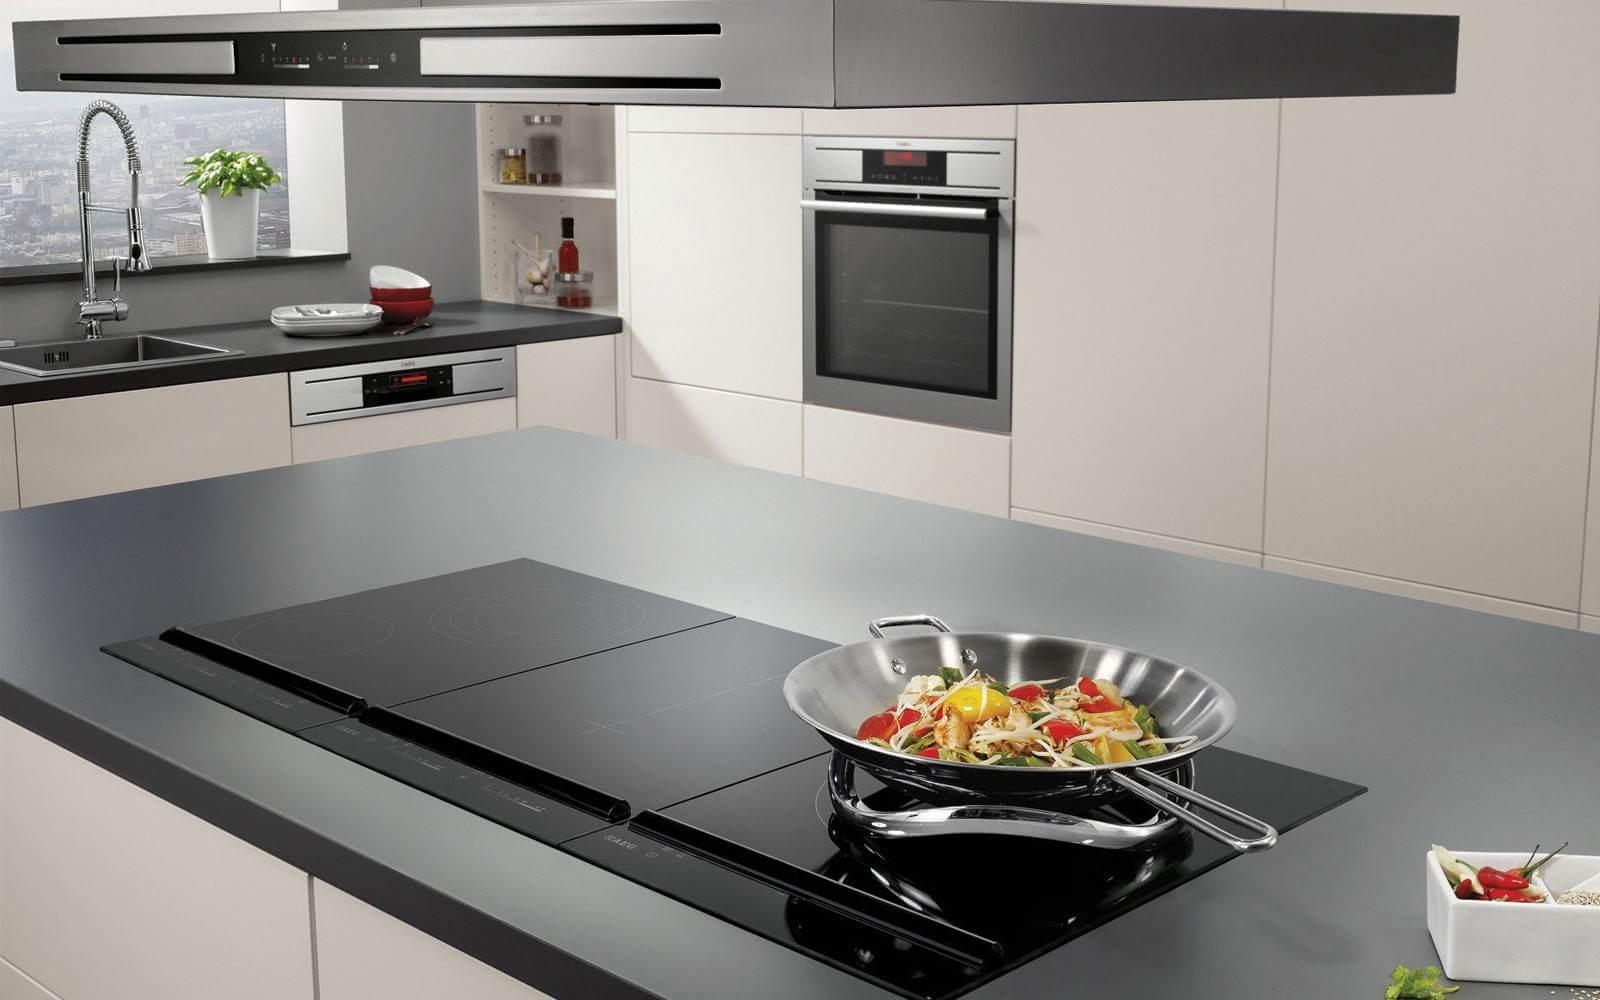 Nếu bạn đang băn khoăn nên dùng bếp điện từ hay bếp gas đừng bỏ qua bài viết này